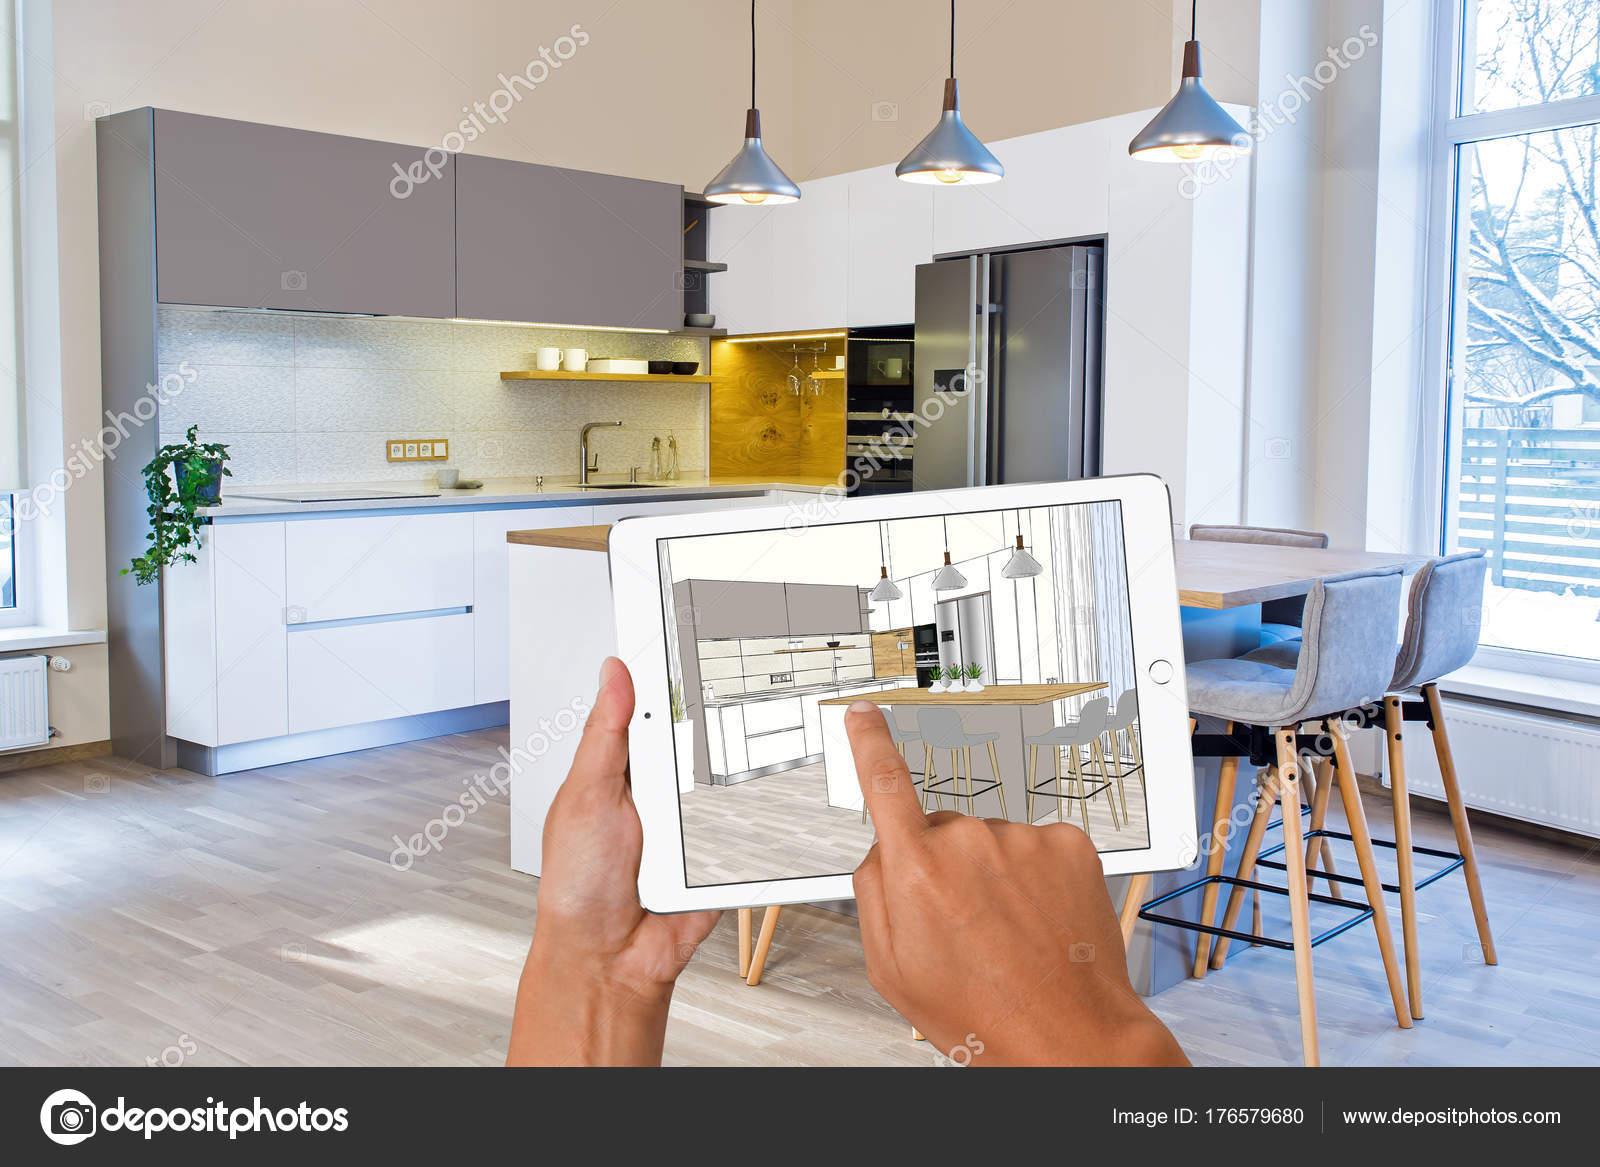 Hände Halten Tablet Mit Küche Interieur Skizze Realen Hintergrund ...